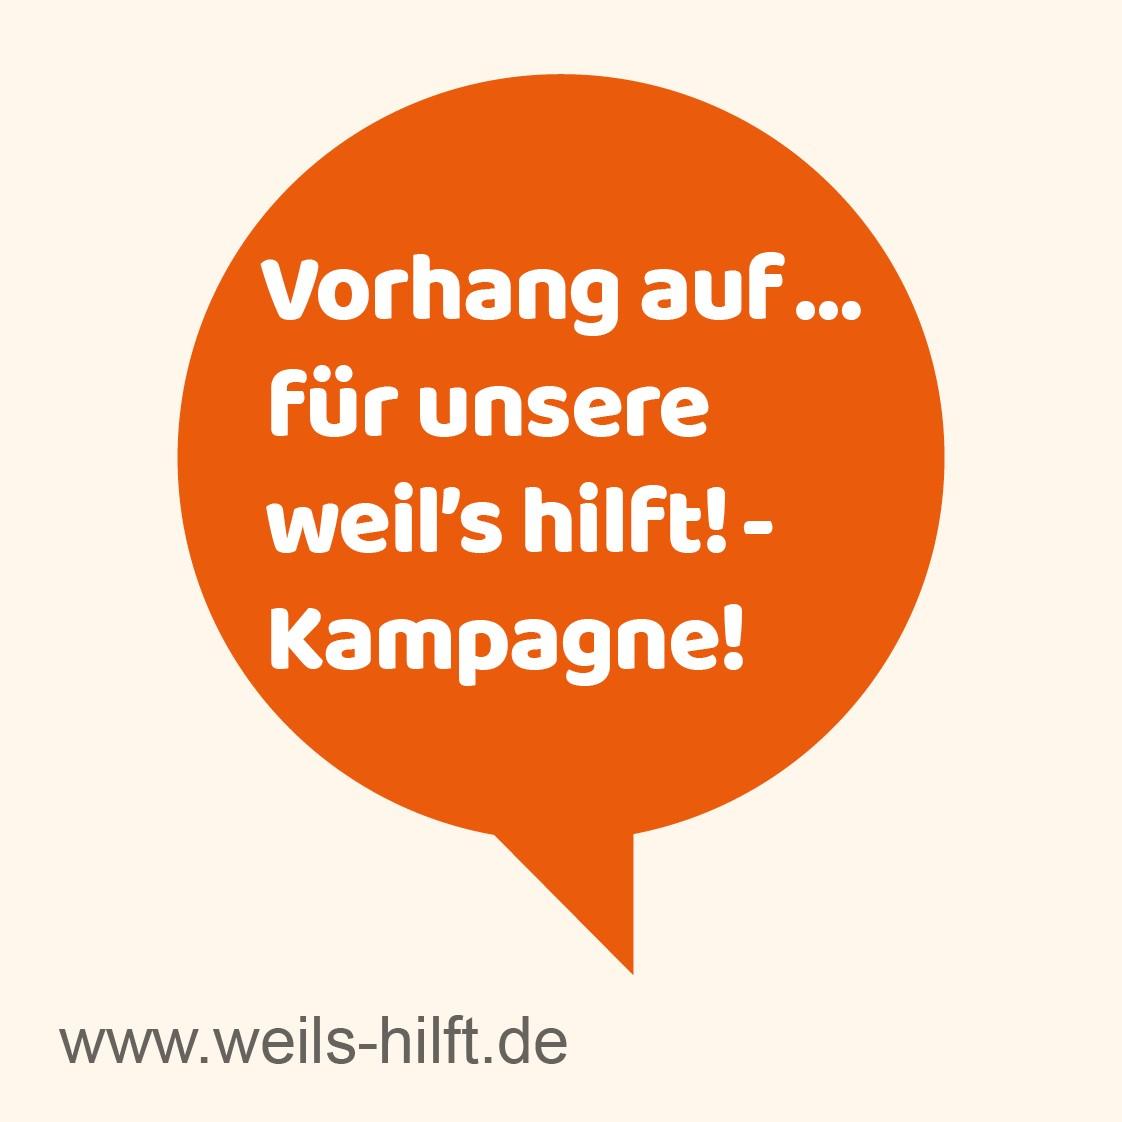 Kampagne_weils_hilft_Posts_FB_IN_Sprechblase_Vorhang auf